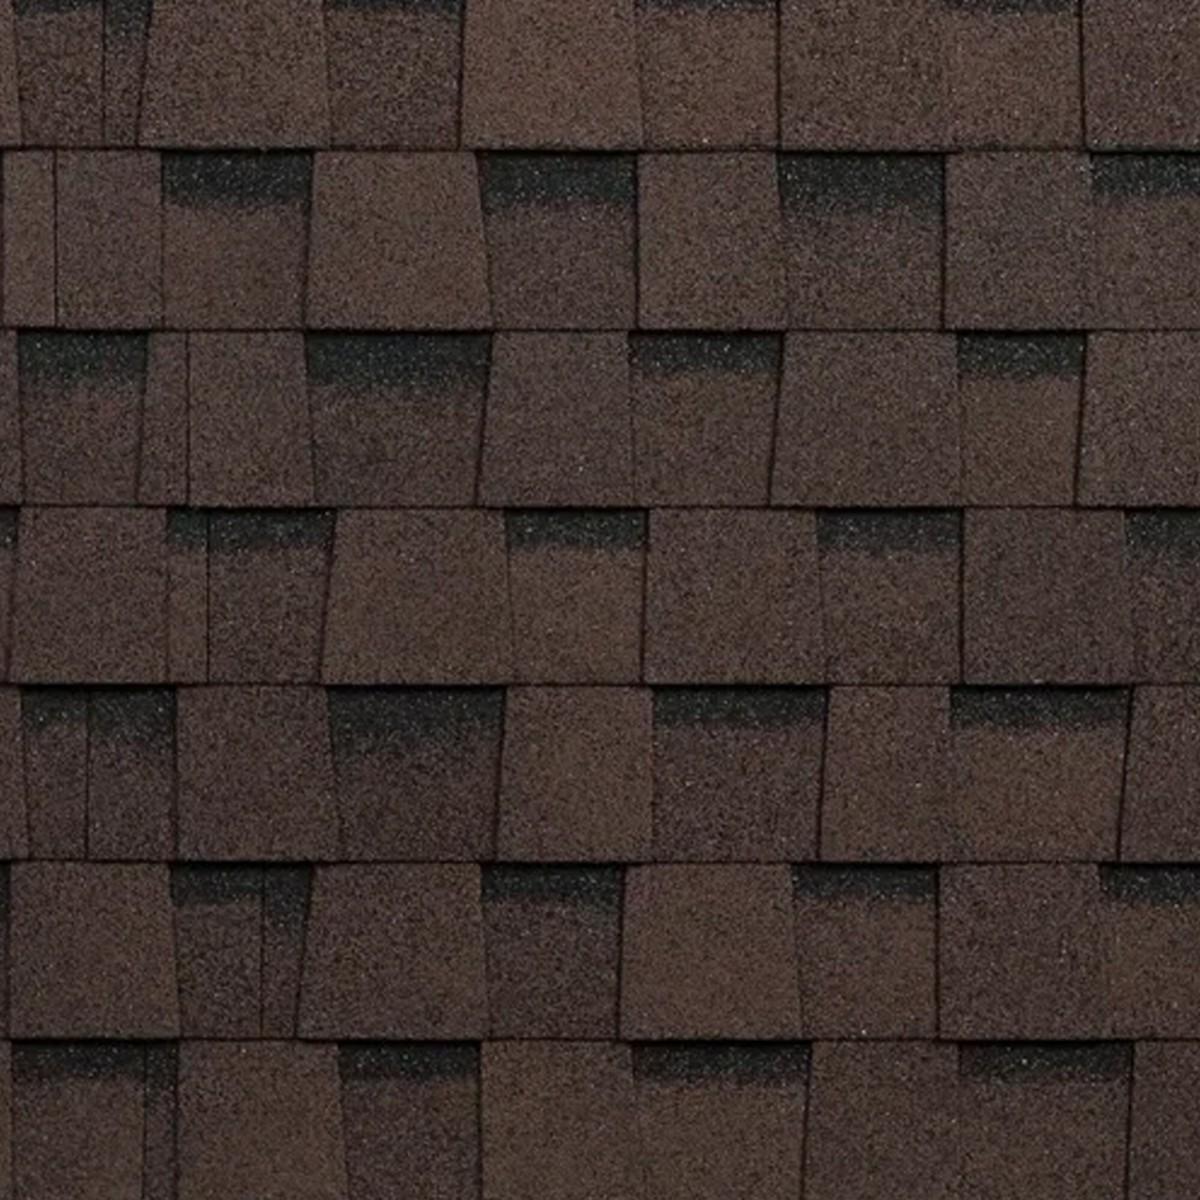 Черепица многослойная Фазенда цвет коричневый